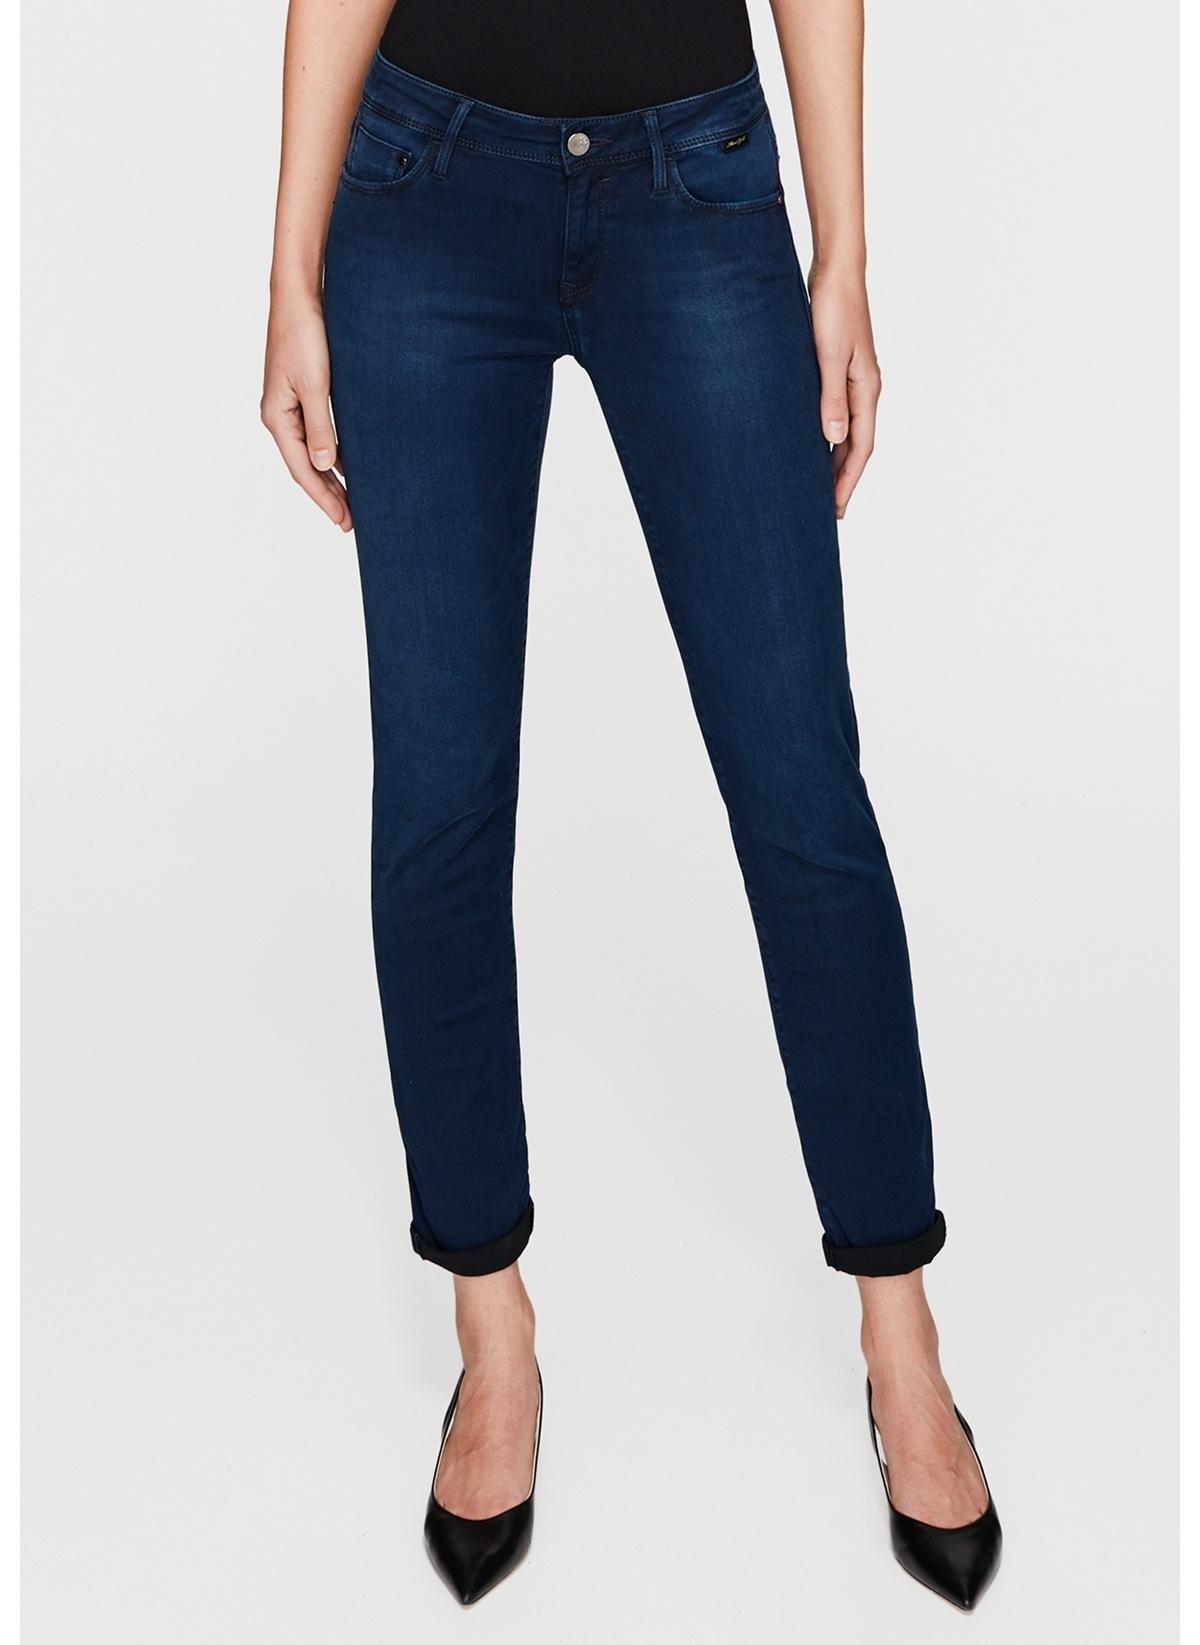 Mavi Jean Pantolon   Ada – Boyfriend 1020522911 Ada Mavi Gold Jean Pantolon – 169.99 TL